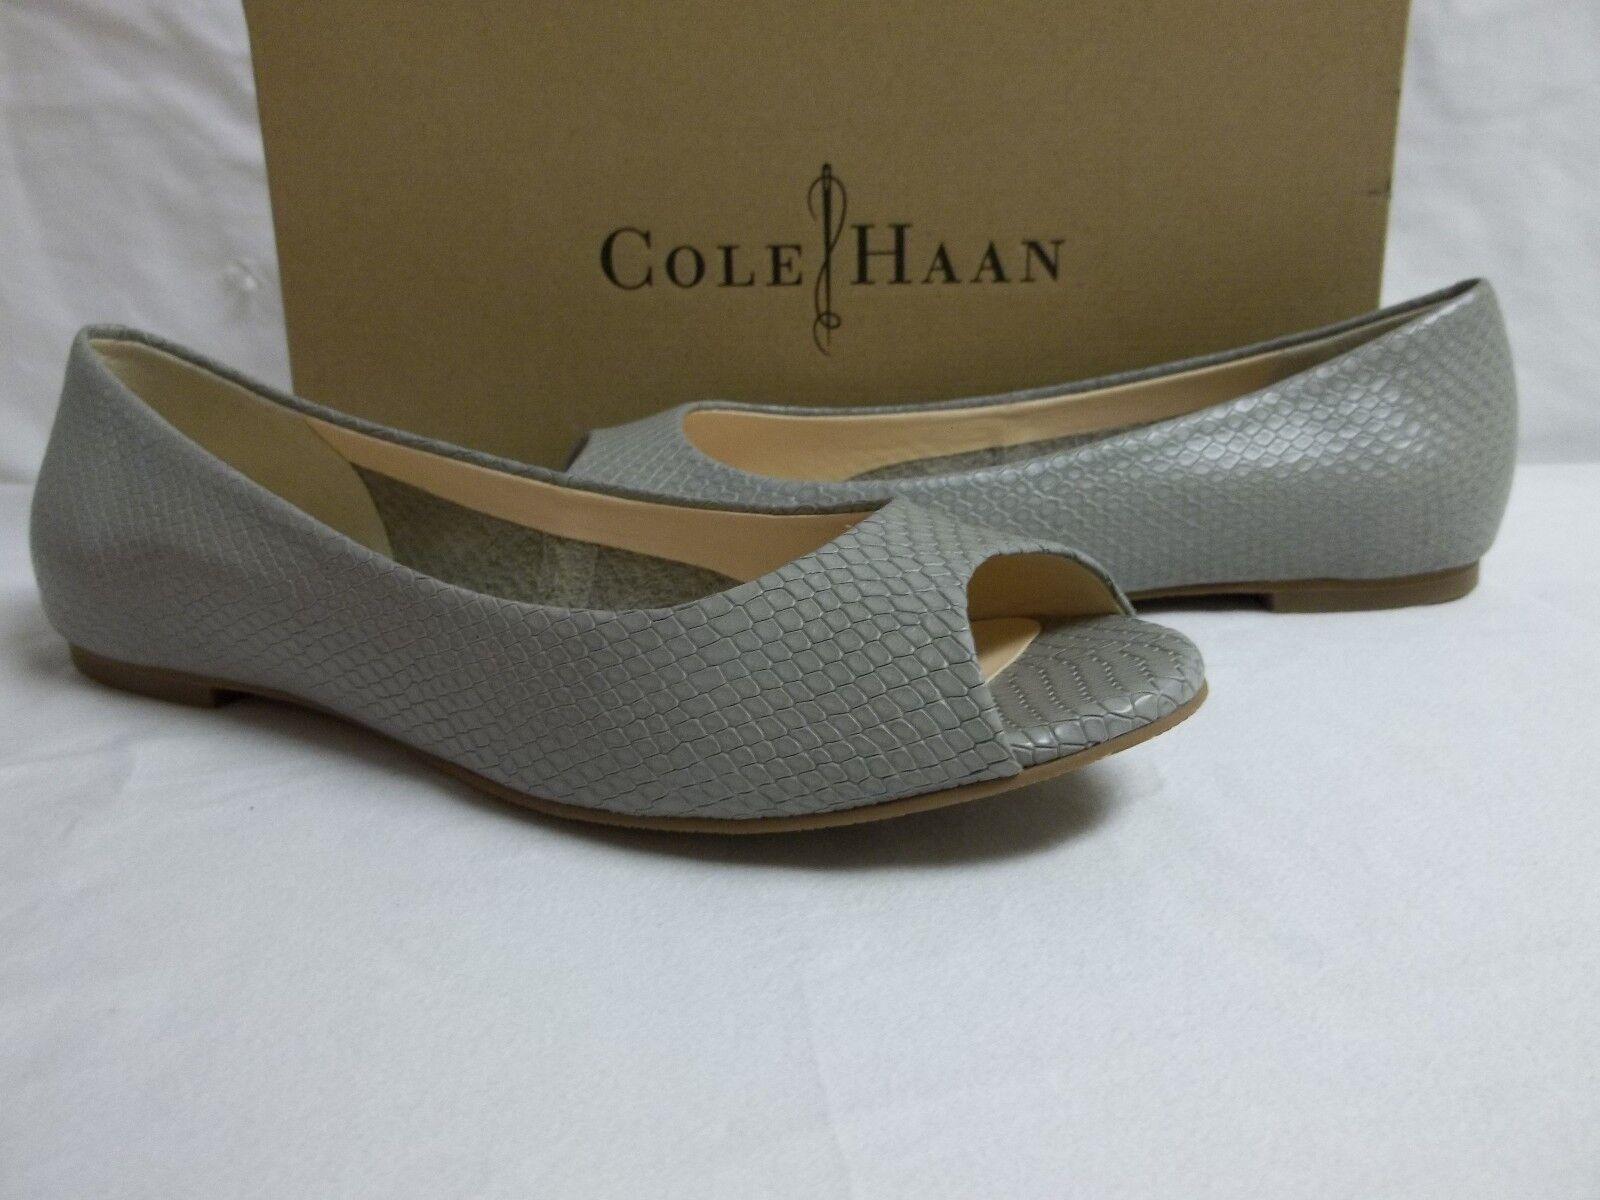 Cole Haan Größe 5.5 M Morgan Paloma Leder Snake Flats NEU Damenschuhe Schuhes NWOB